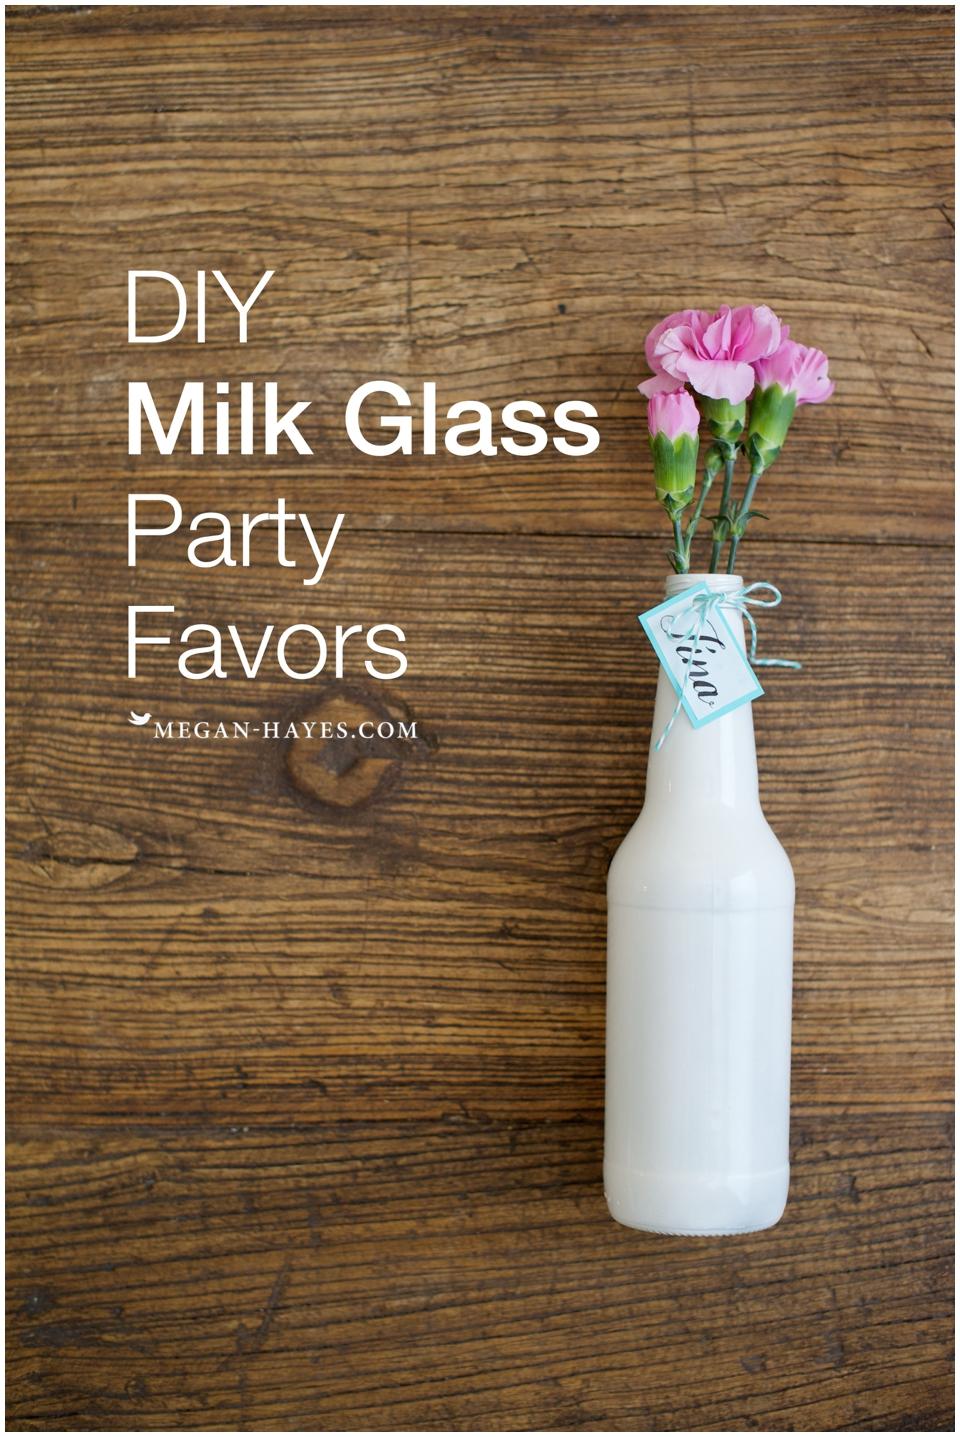 DIY Milk Glass Party Favors